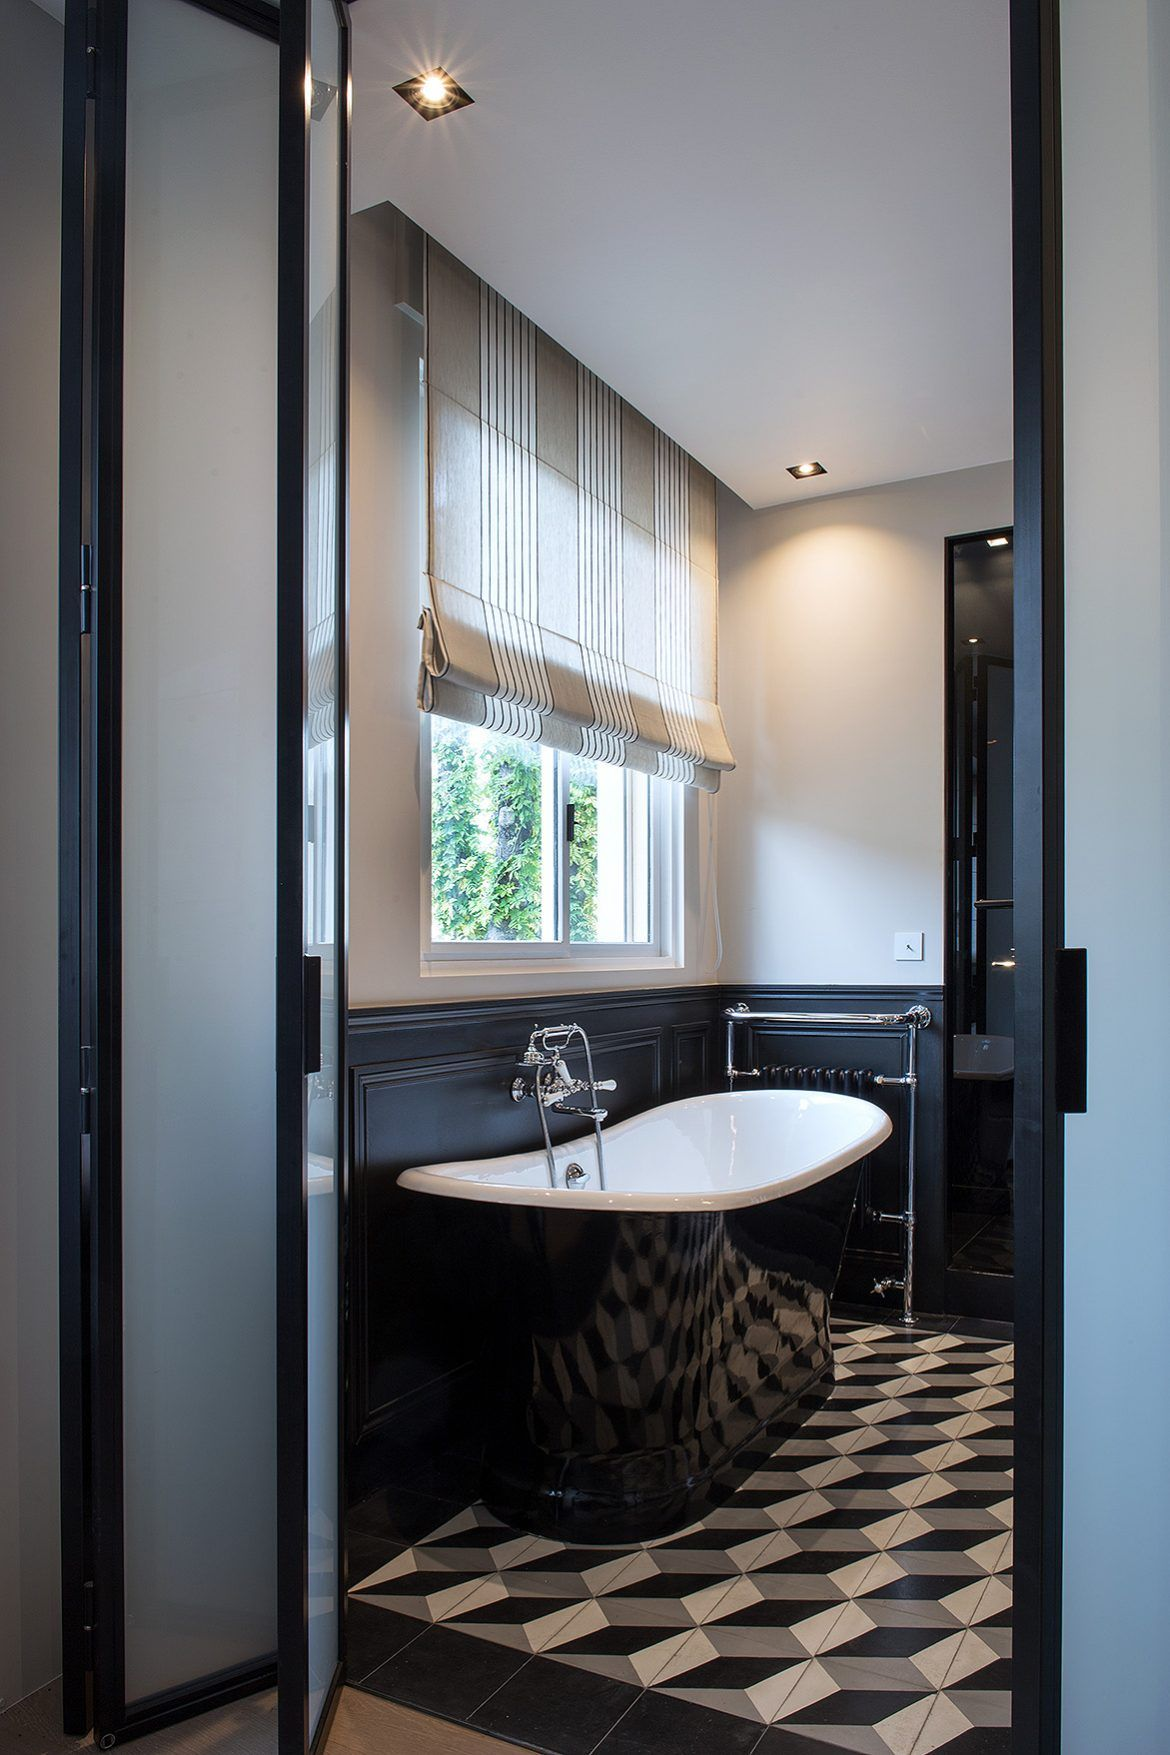 Square du roule marion d riot salle de bain retro en 2019 salle de bain 3m2 salle de bain - Salle de bain 3m2 ...